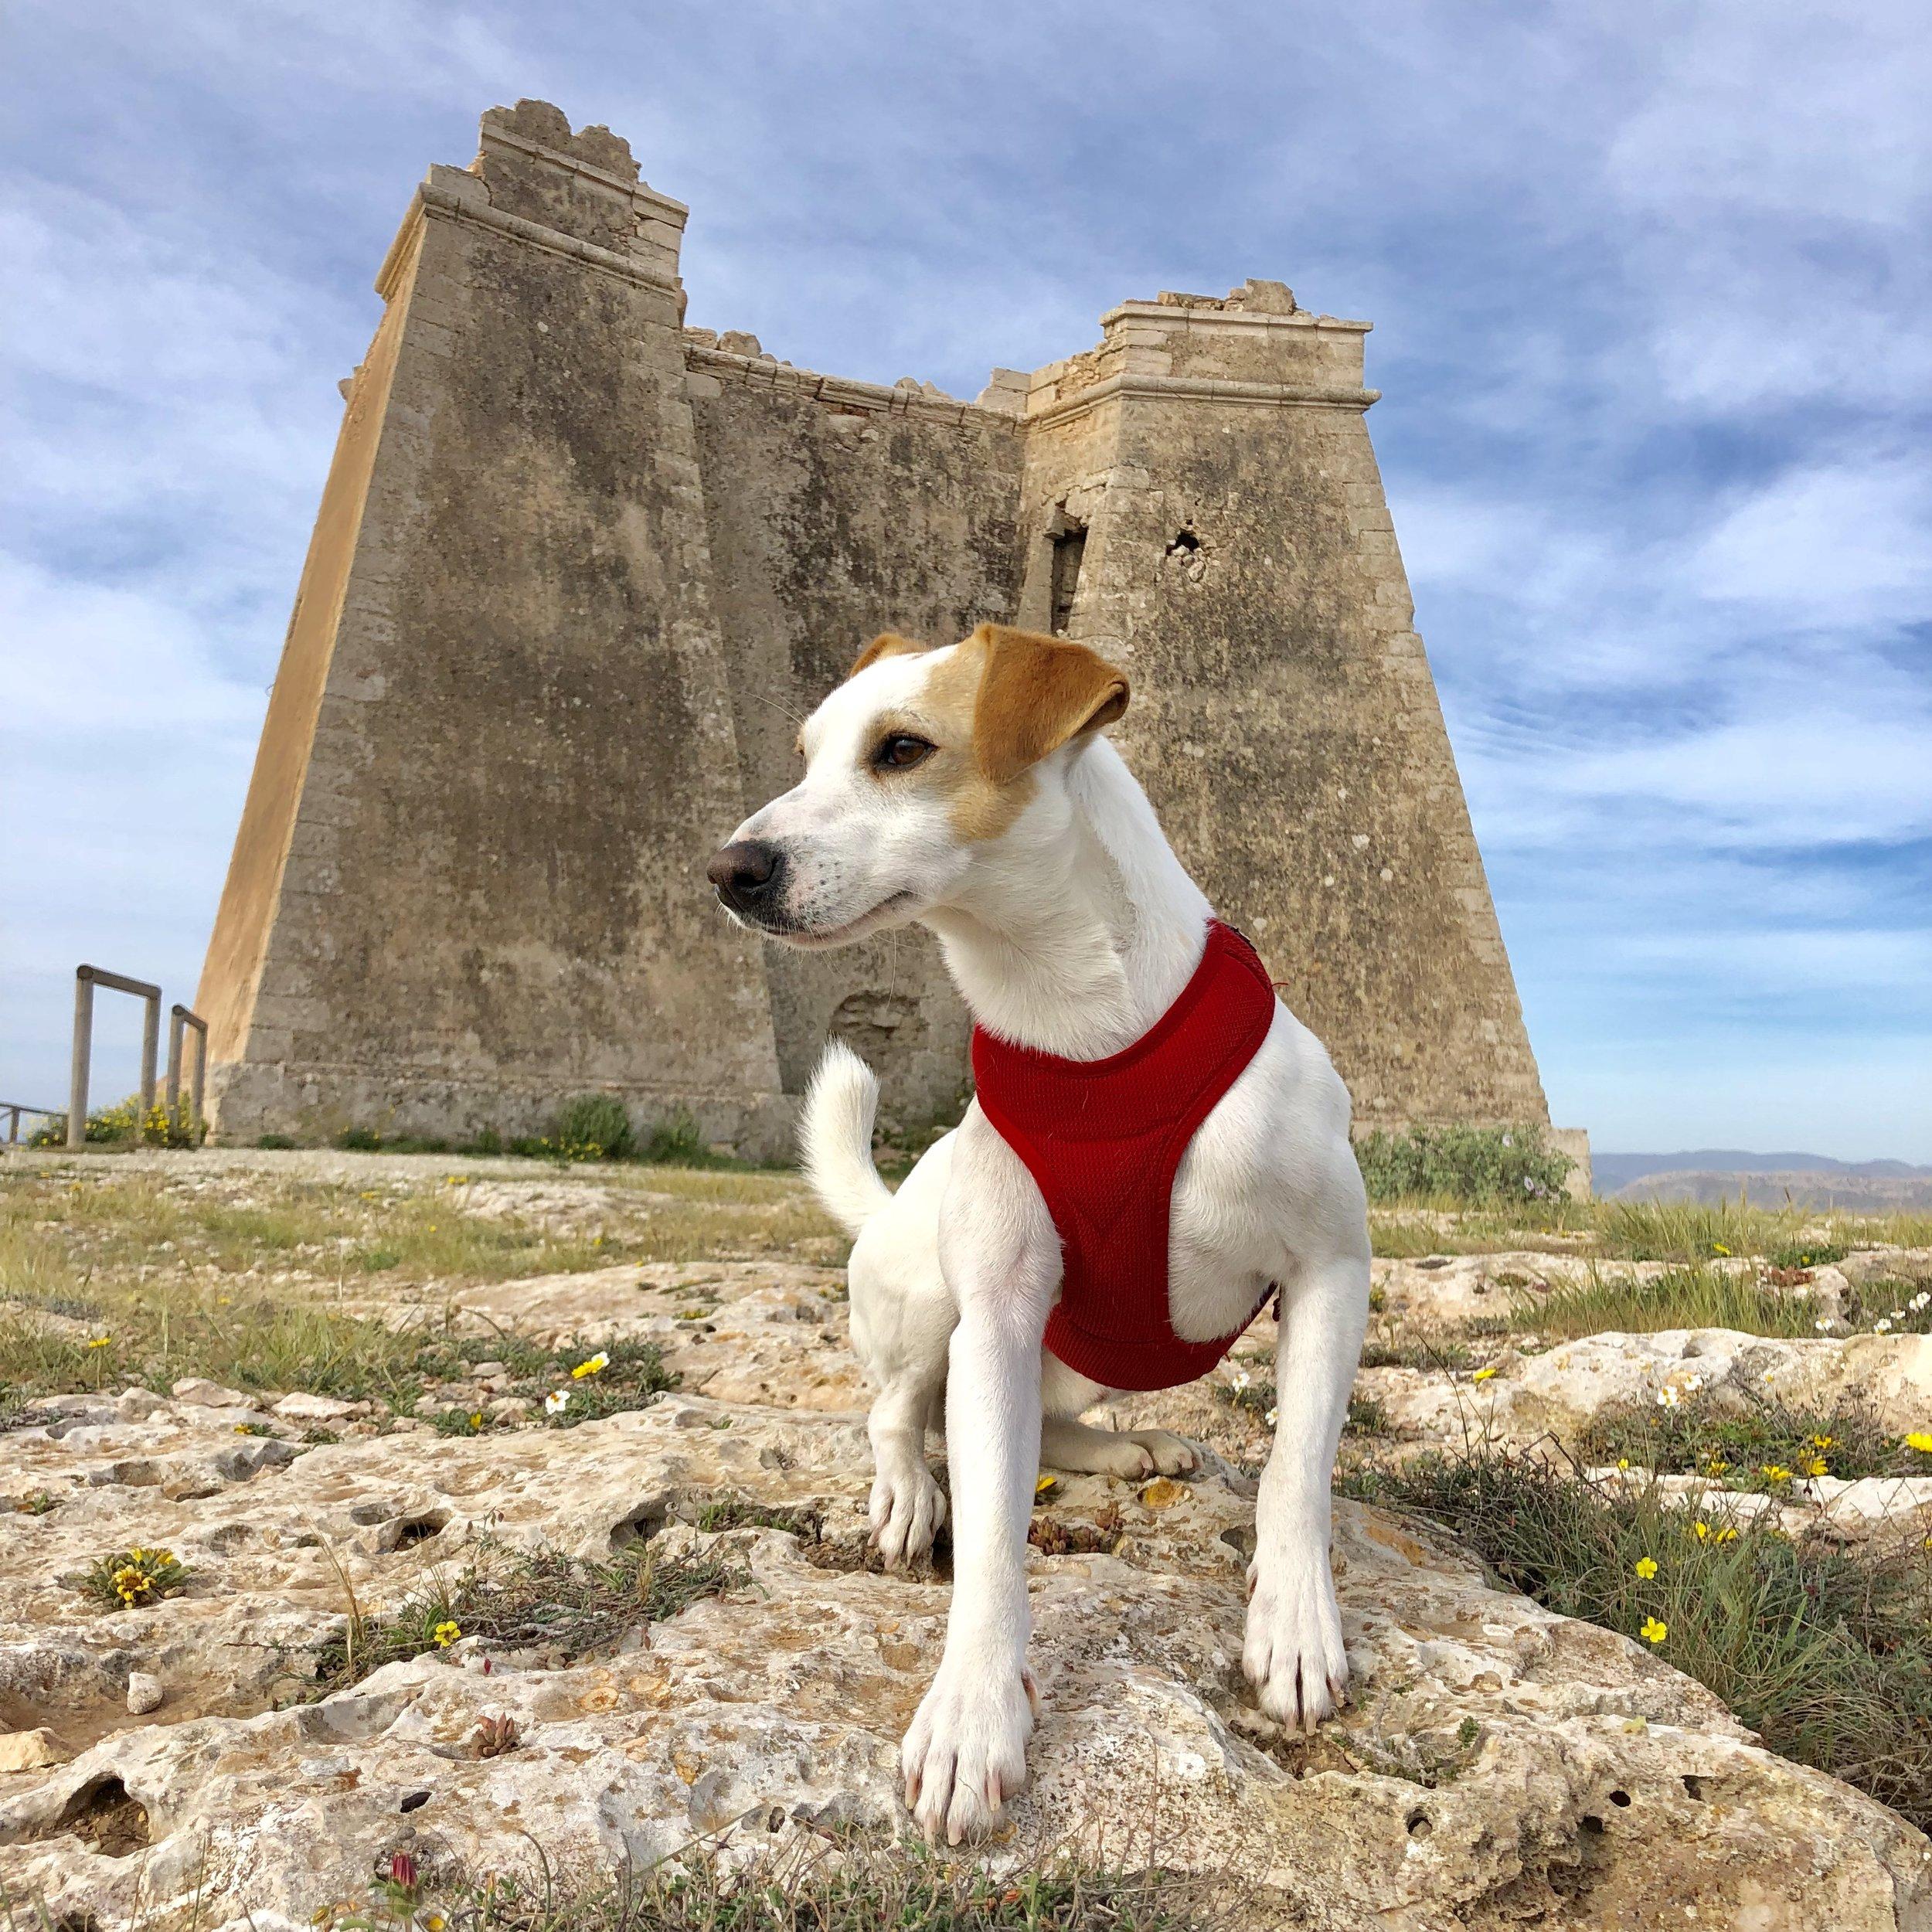 Pipper en la Torre Roldán, escenario de la serie Juego de Tronos.